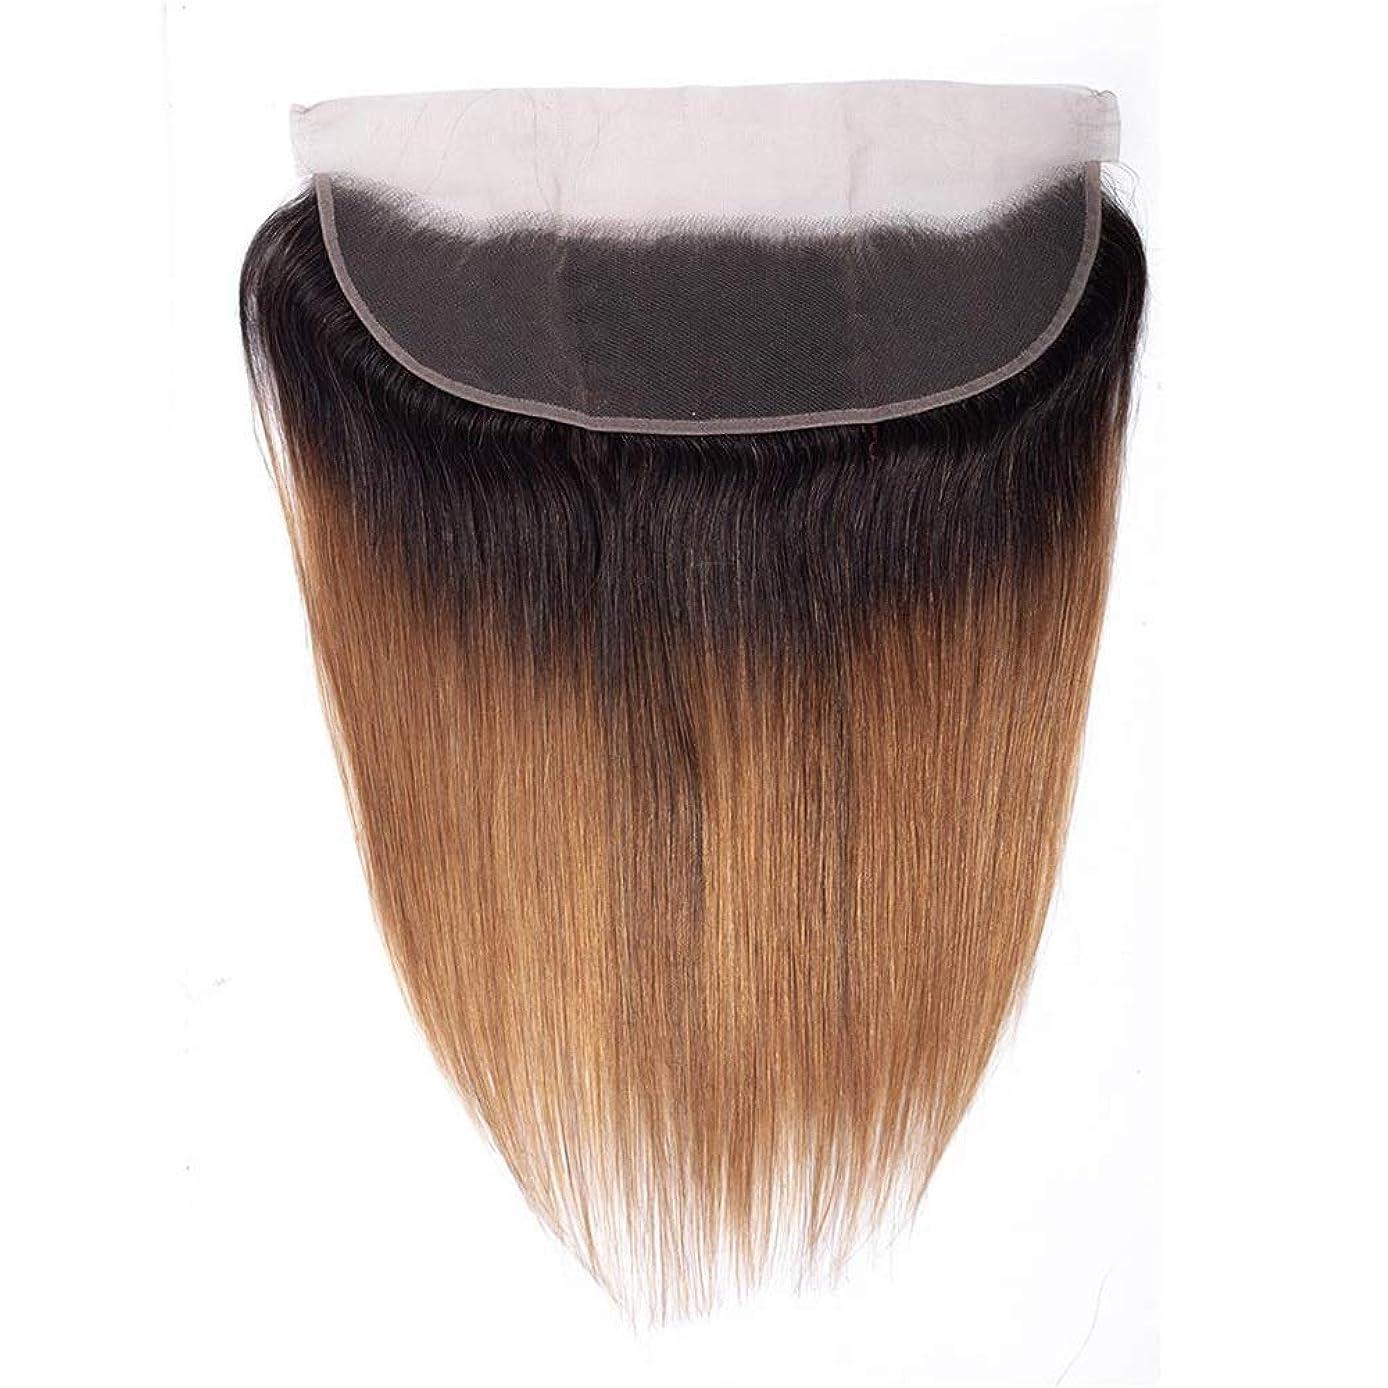 意識的夢拷問HOHYLLYA ブラジルの人間の髪の毛ストレート13 * 4レースクロージャー1B / 30黒から茶色の2トーンの色(8インチ18インチ)かつらショートかつら (色 : ブラウン, サイズ : 16 inch)